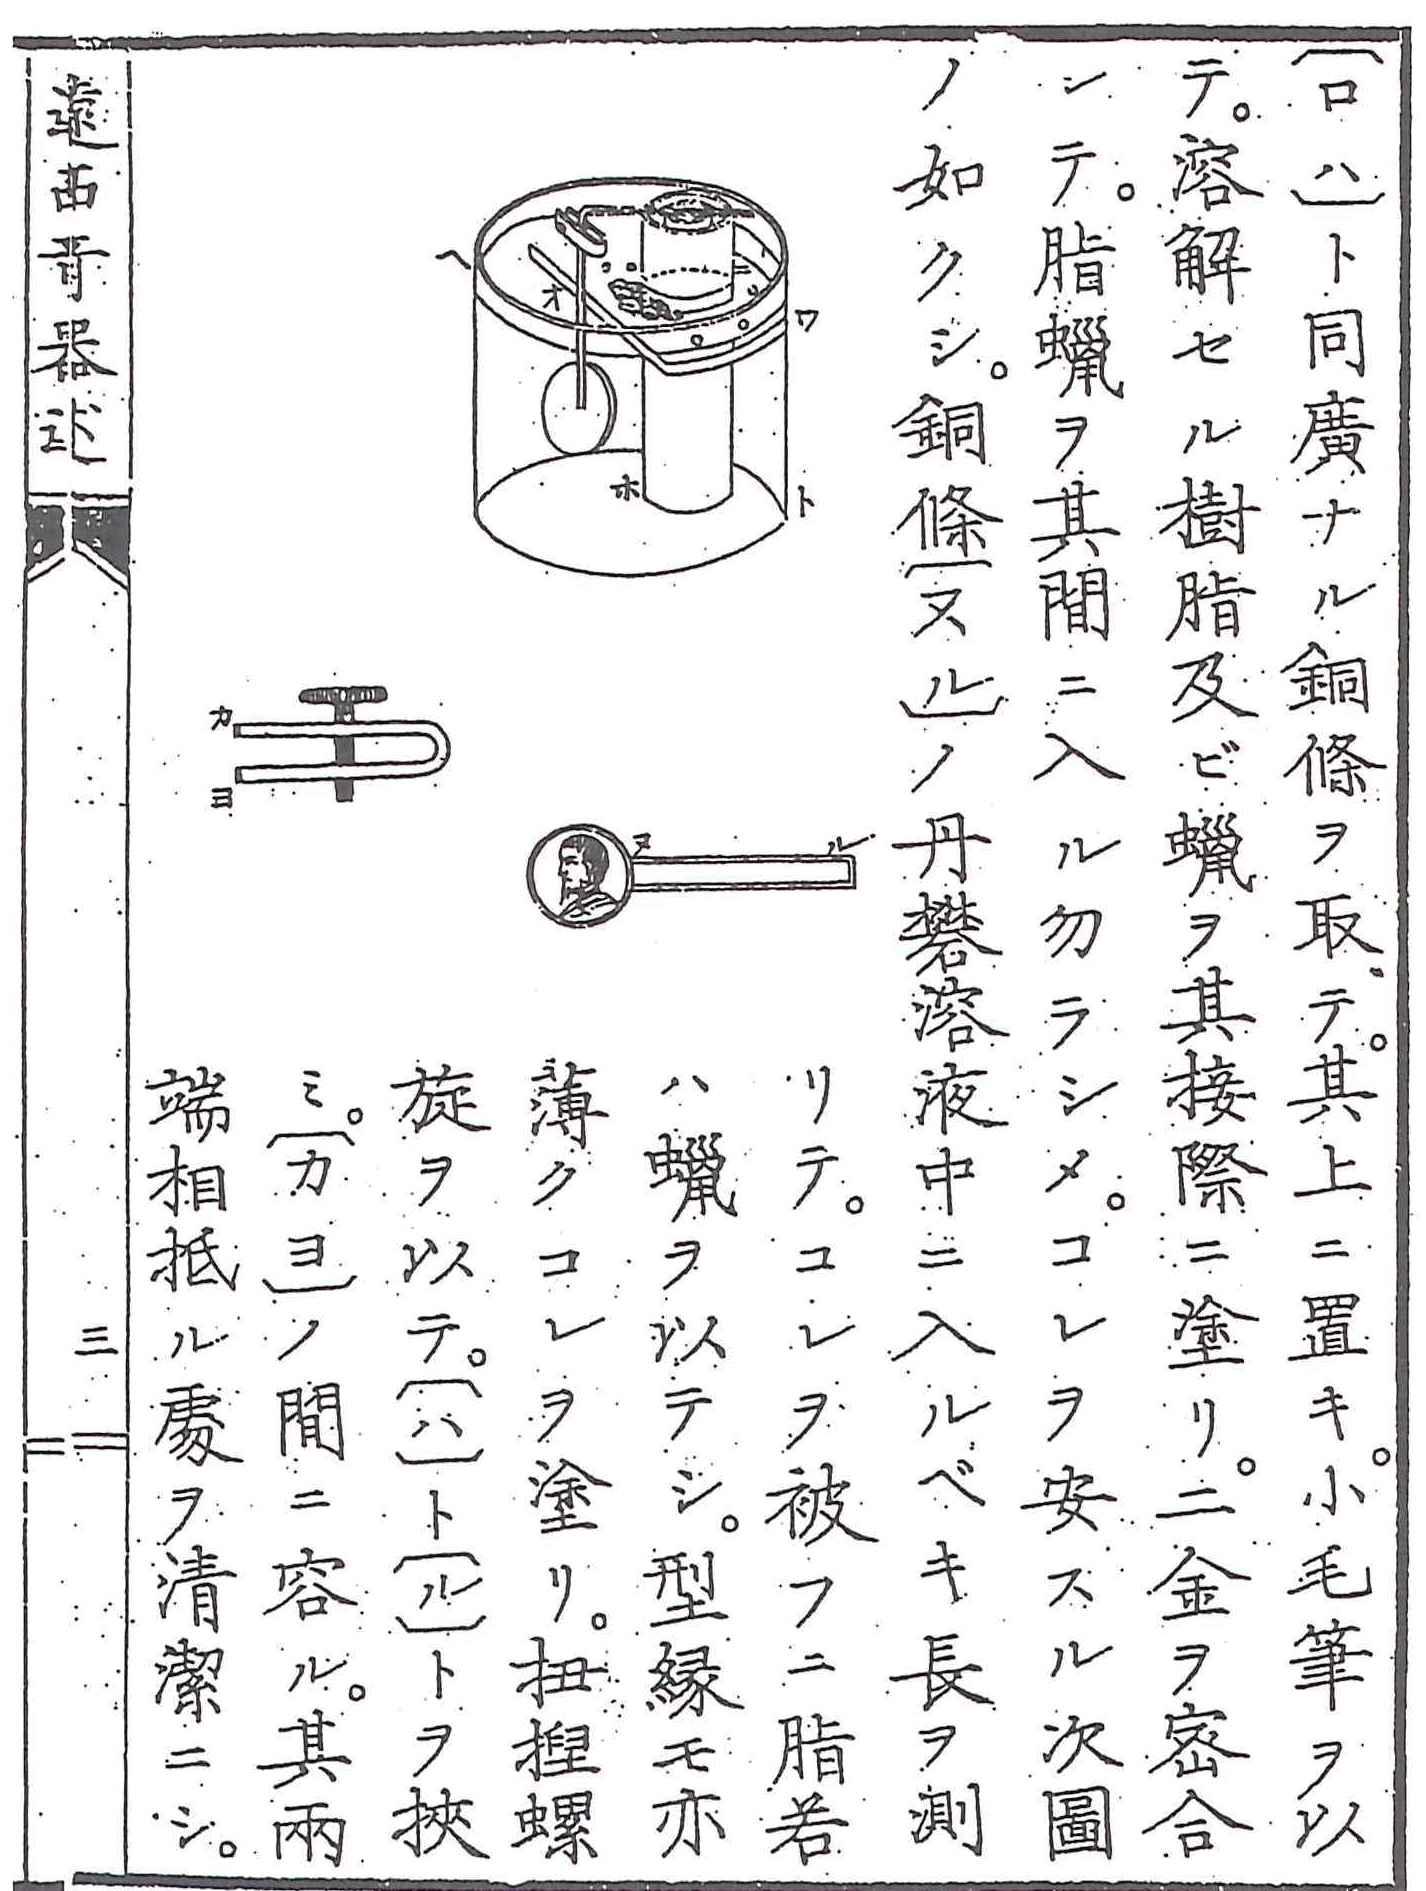 川本幸民 遠西奇器術 国立国会図書館蔵